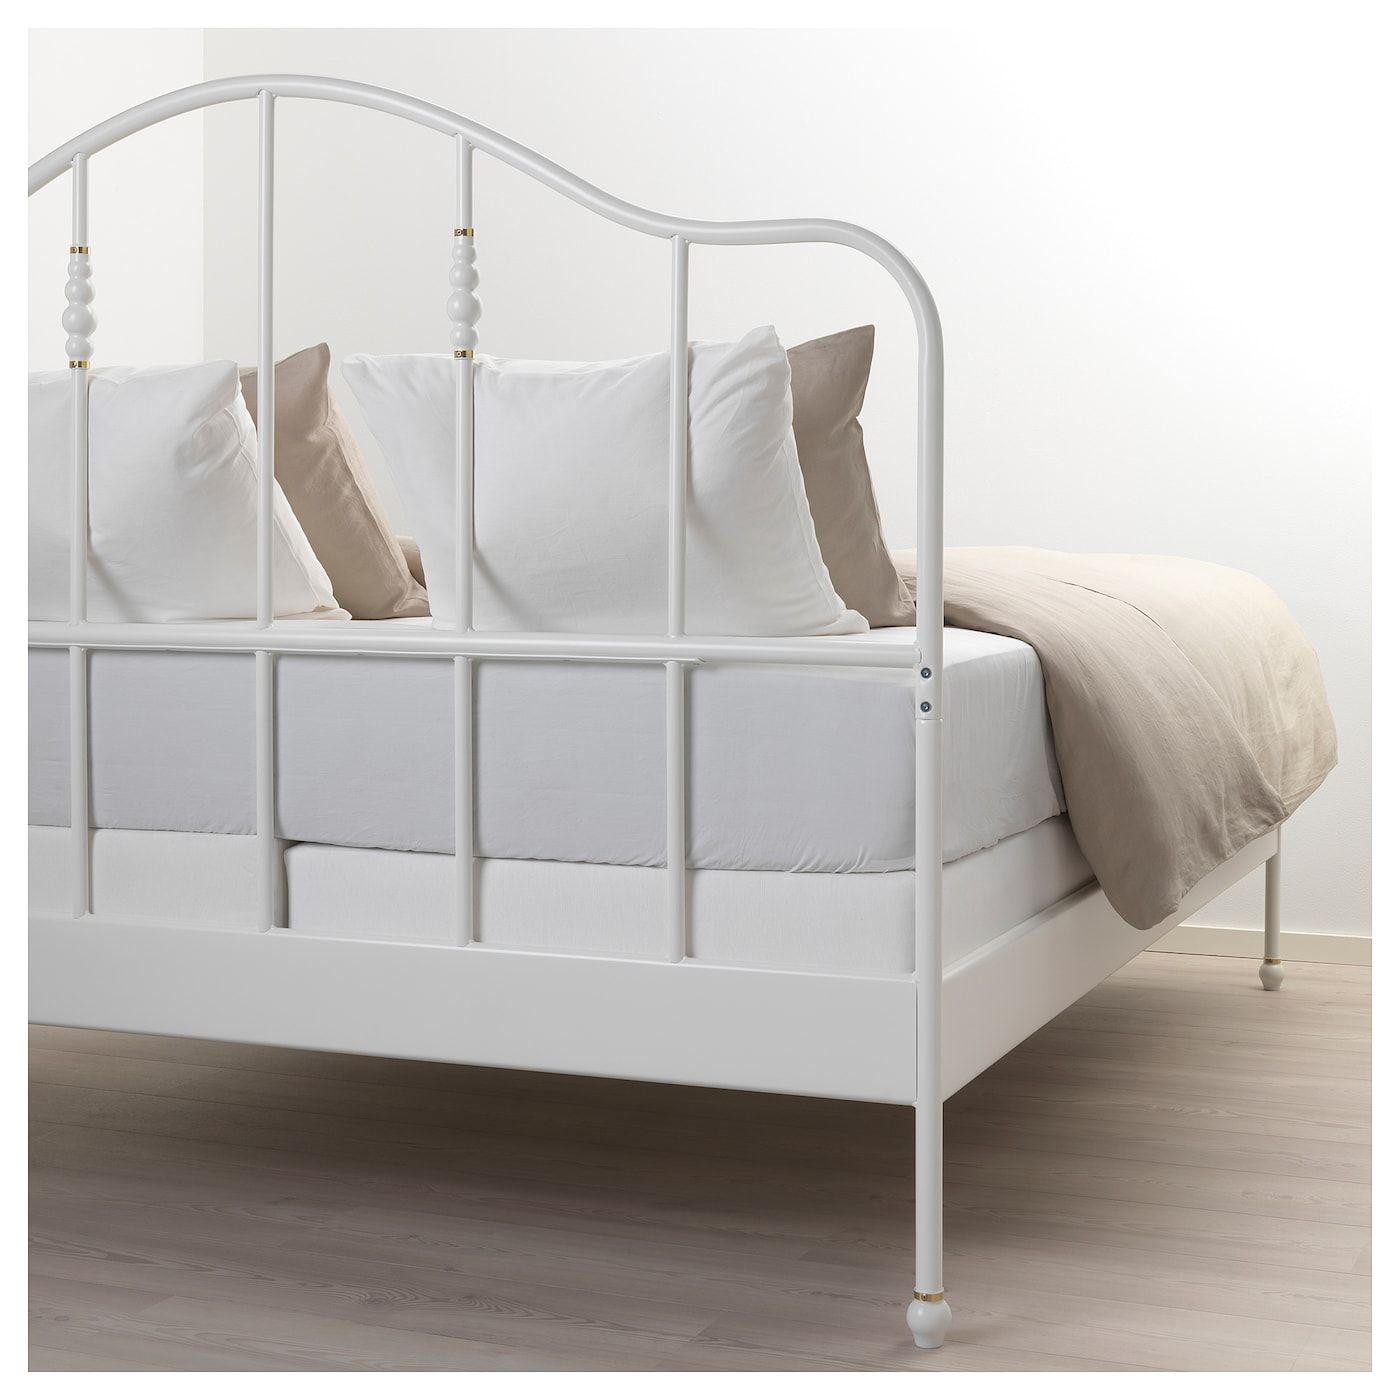 SAGSTUA Bed frame white, Espevär Queen (avec images